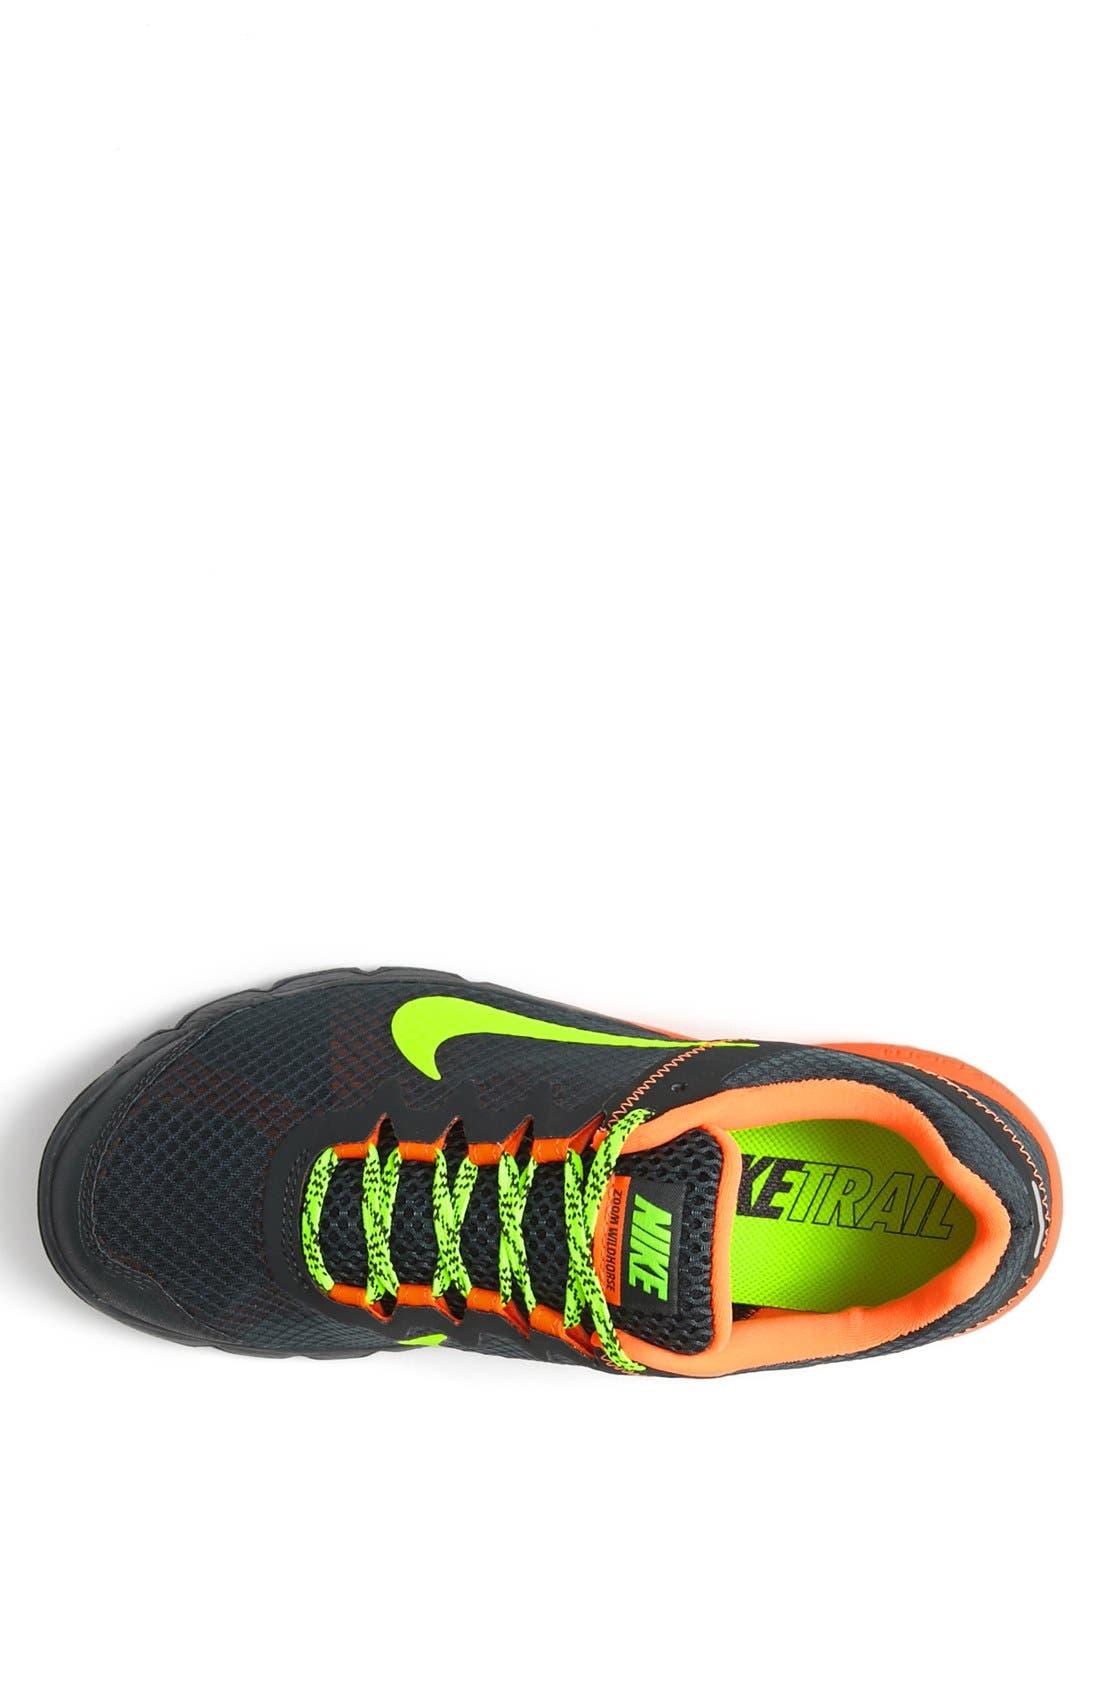 Alternate Image 3  - Nike 'Zoom Wildhorse' Trail Running Shoe (Men)